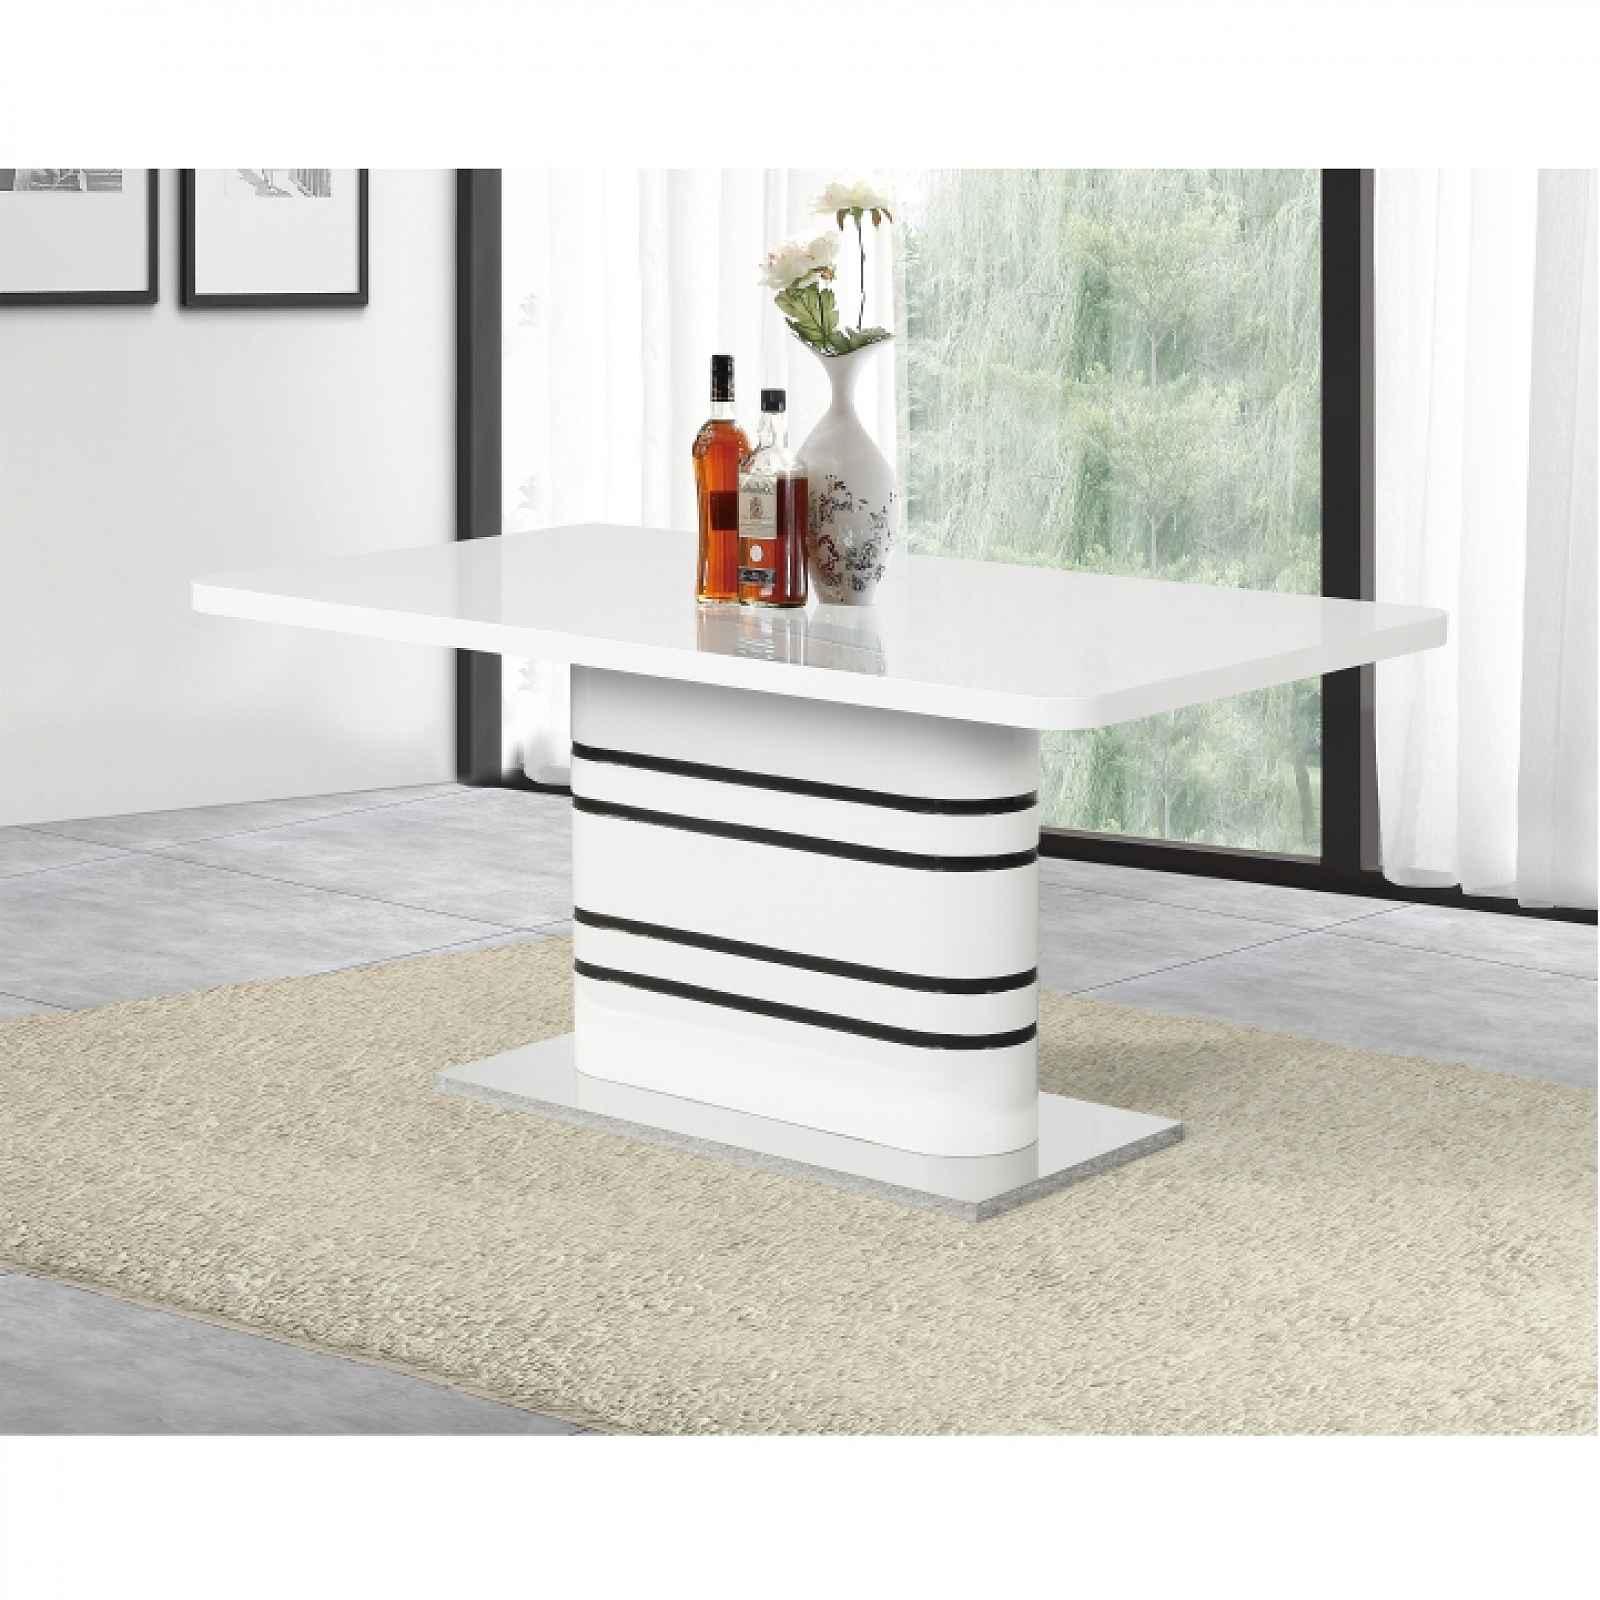 Jídelní rozkládací stůl, bílá vysoky lesk HG / černé pásky, TUBAL 0000229187 Tempo Kondela